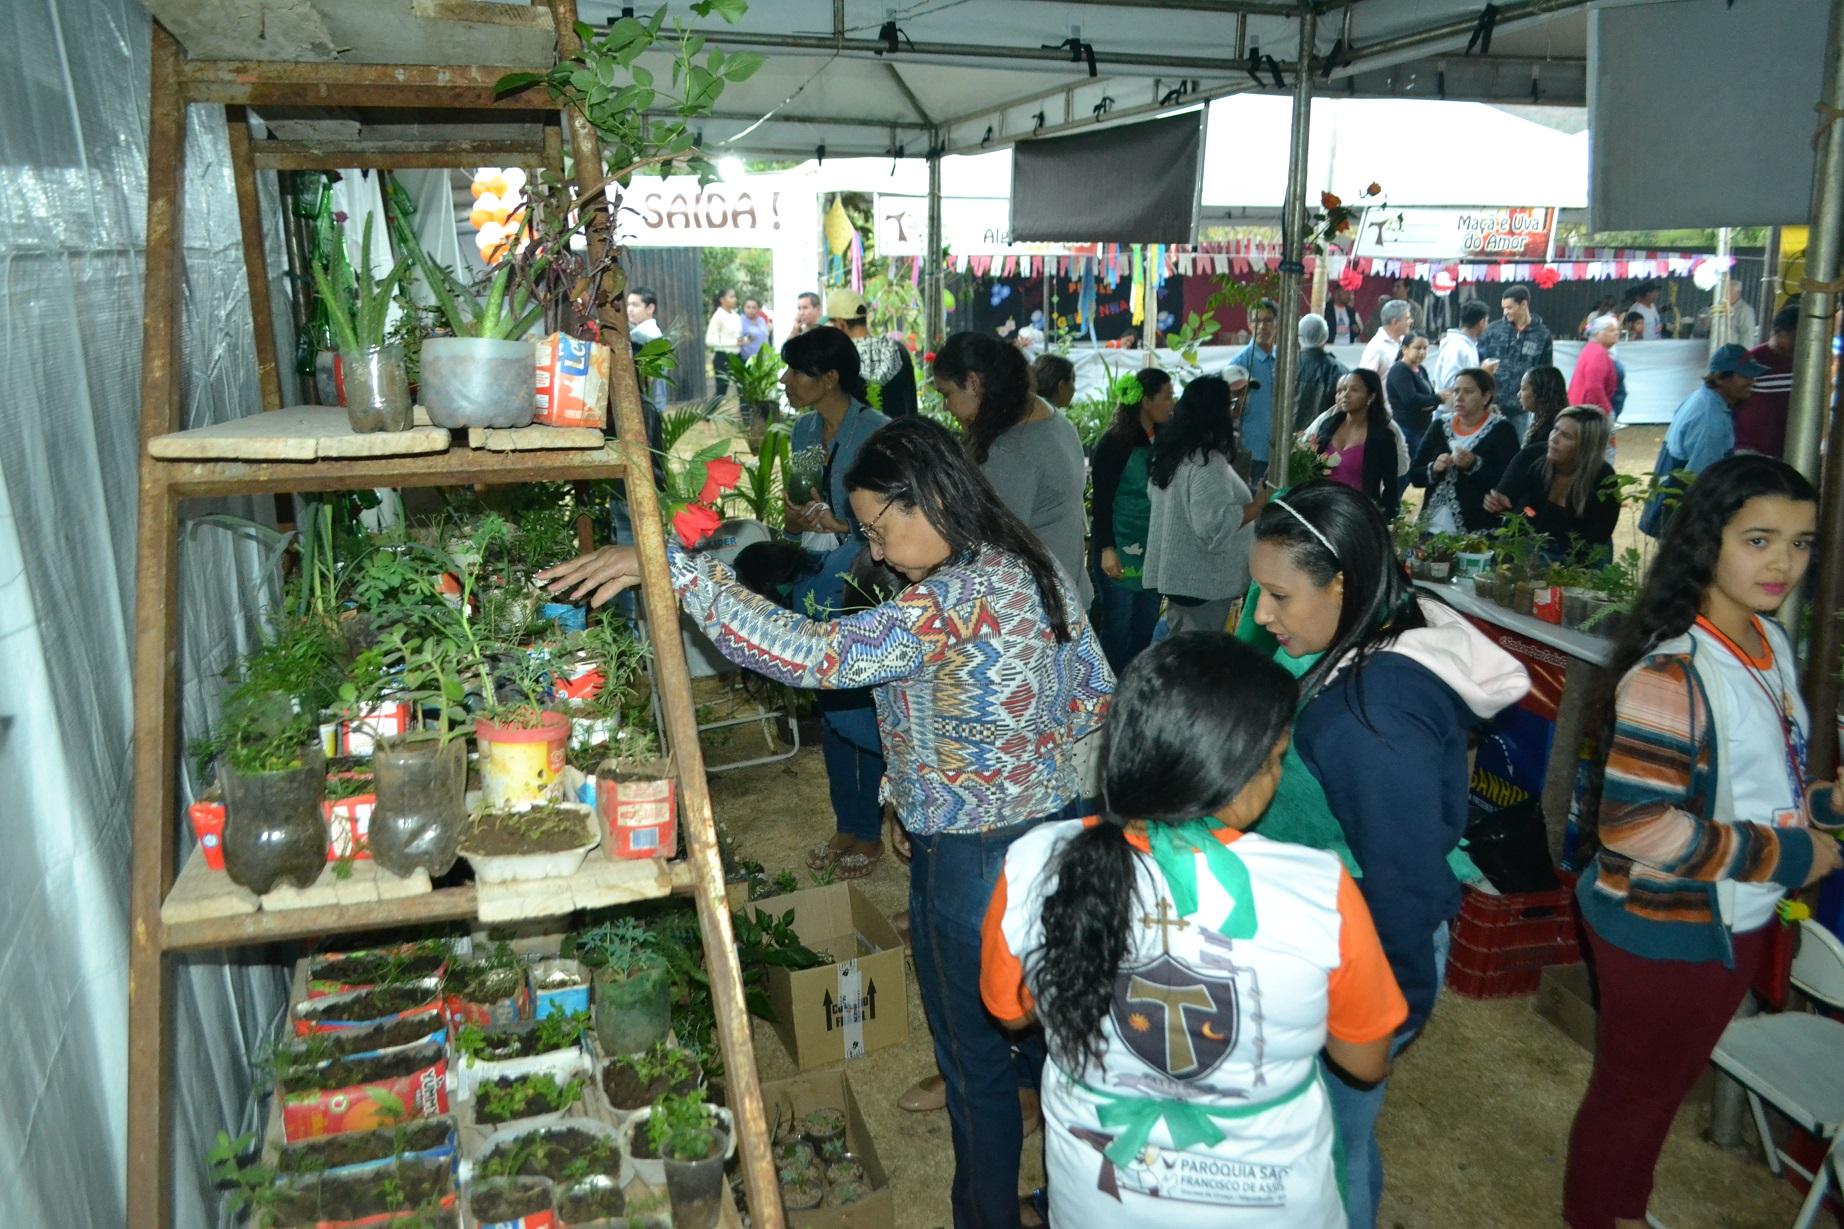 Barraca de venda de plantas: oportunidade única para enfeitar a casa gastando pouco [Foto: Euclides Oliveira]